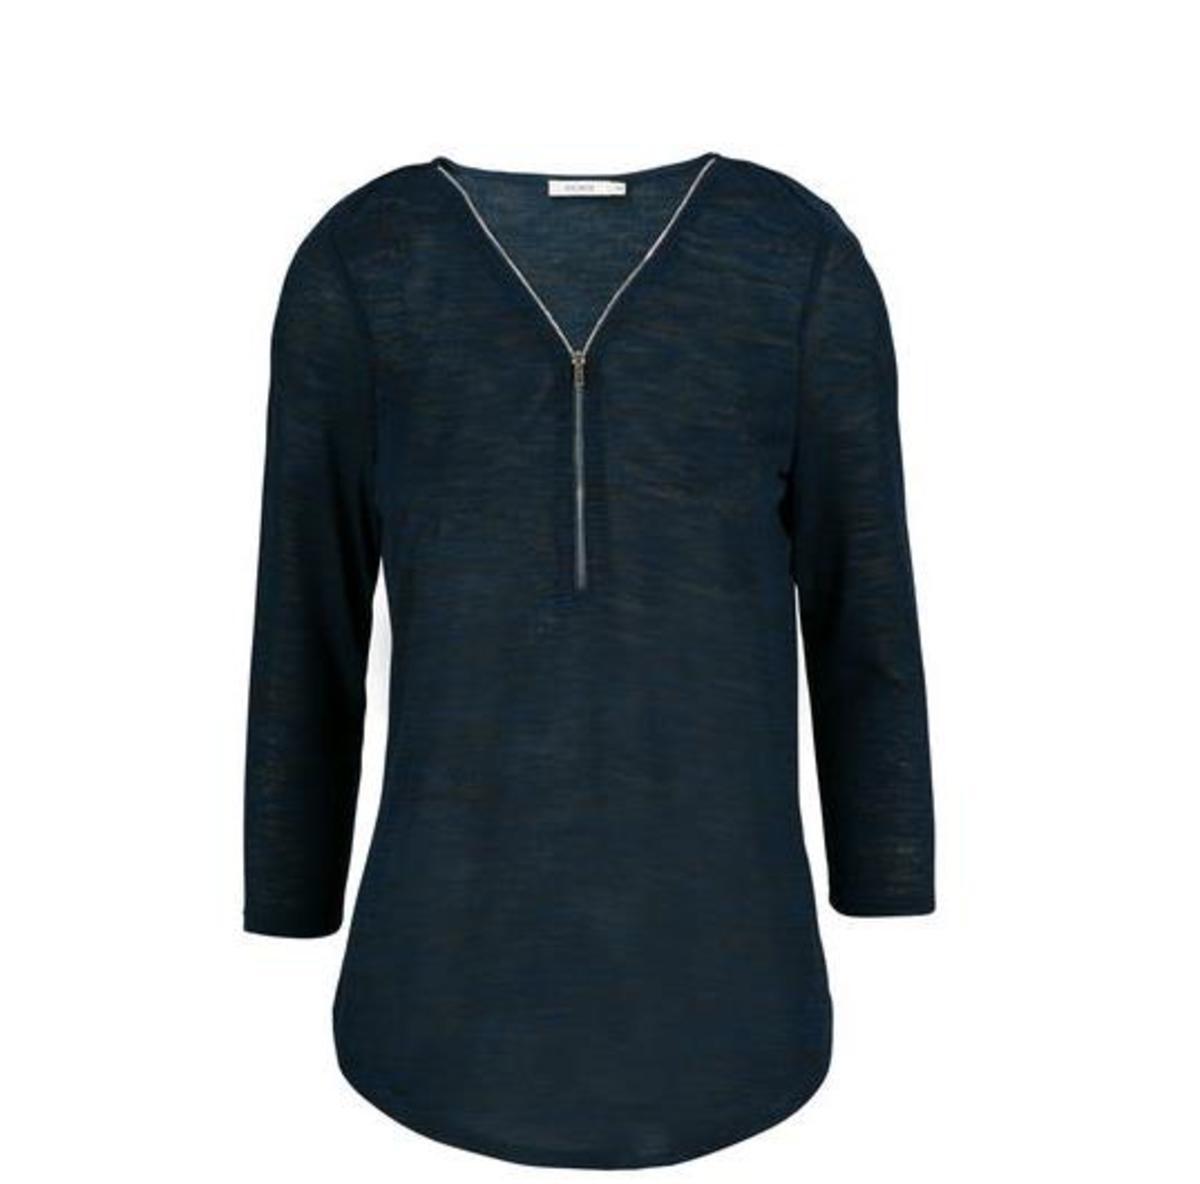 3/4 sleeve top with adjustable zipper neckline